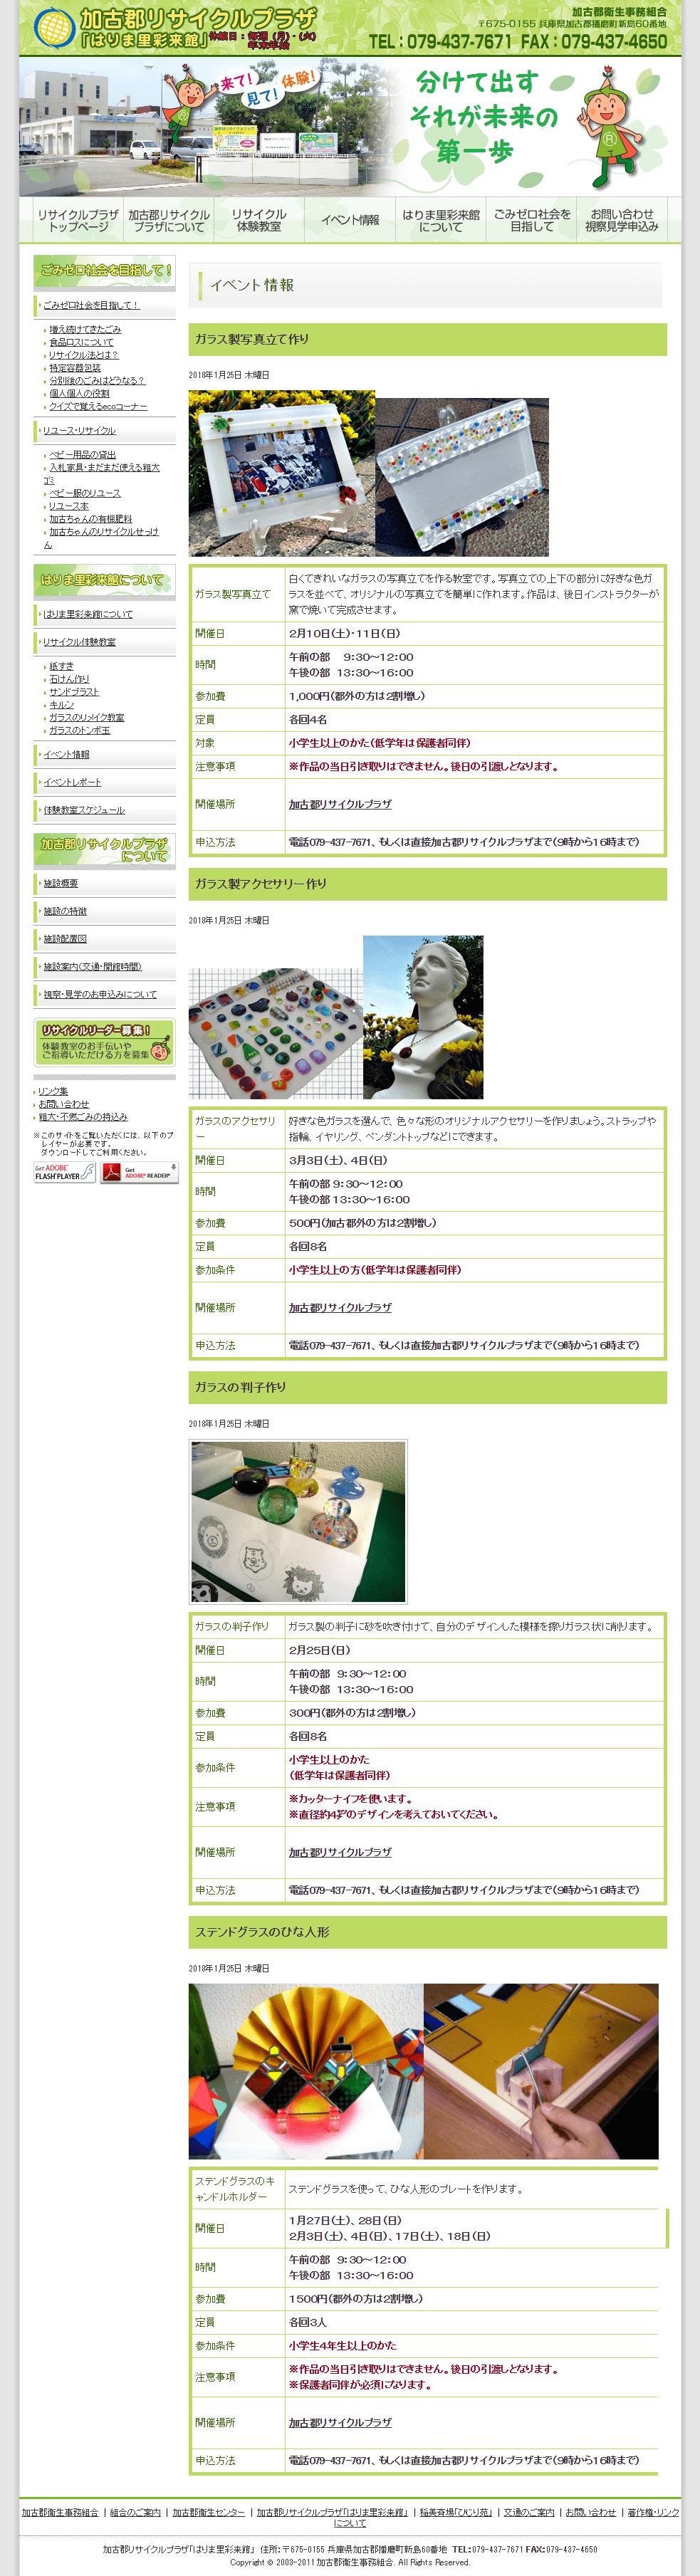 加古郡 加古郡リサイクルプラザ「はりま里彩来館」 ホームページ制作2